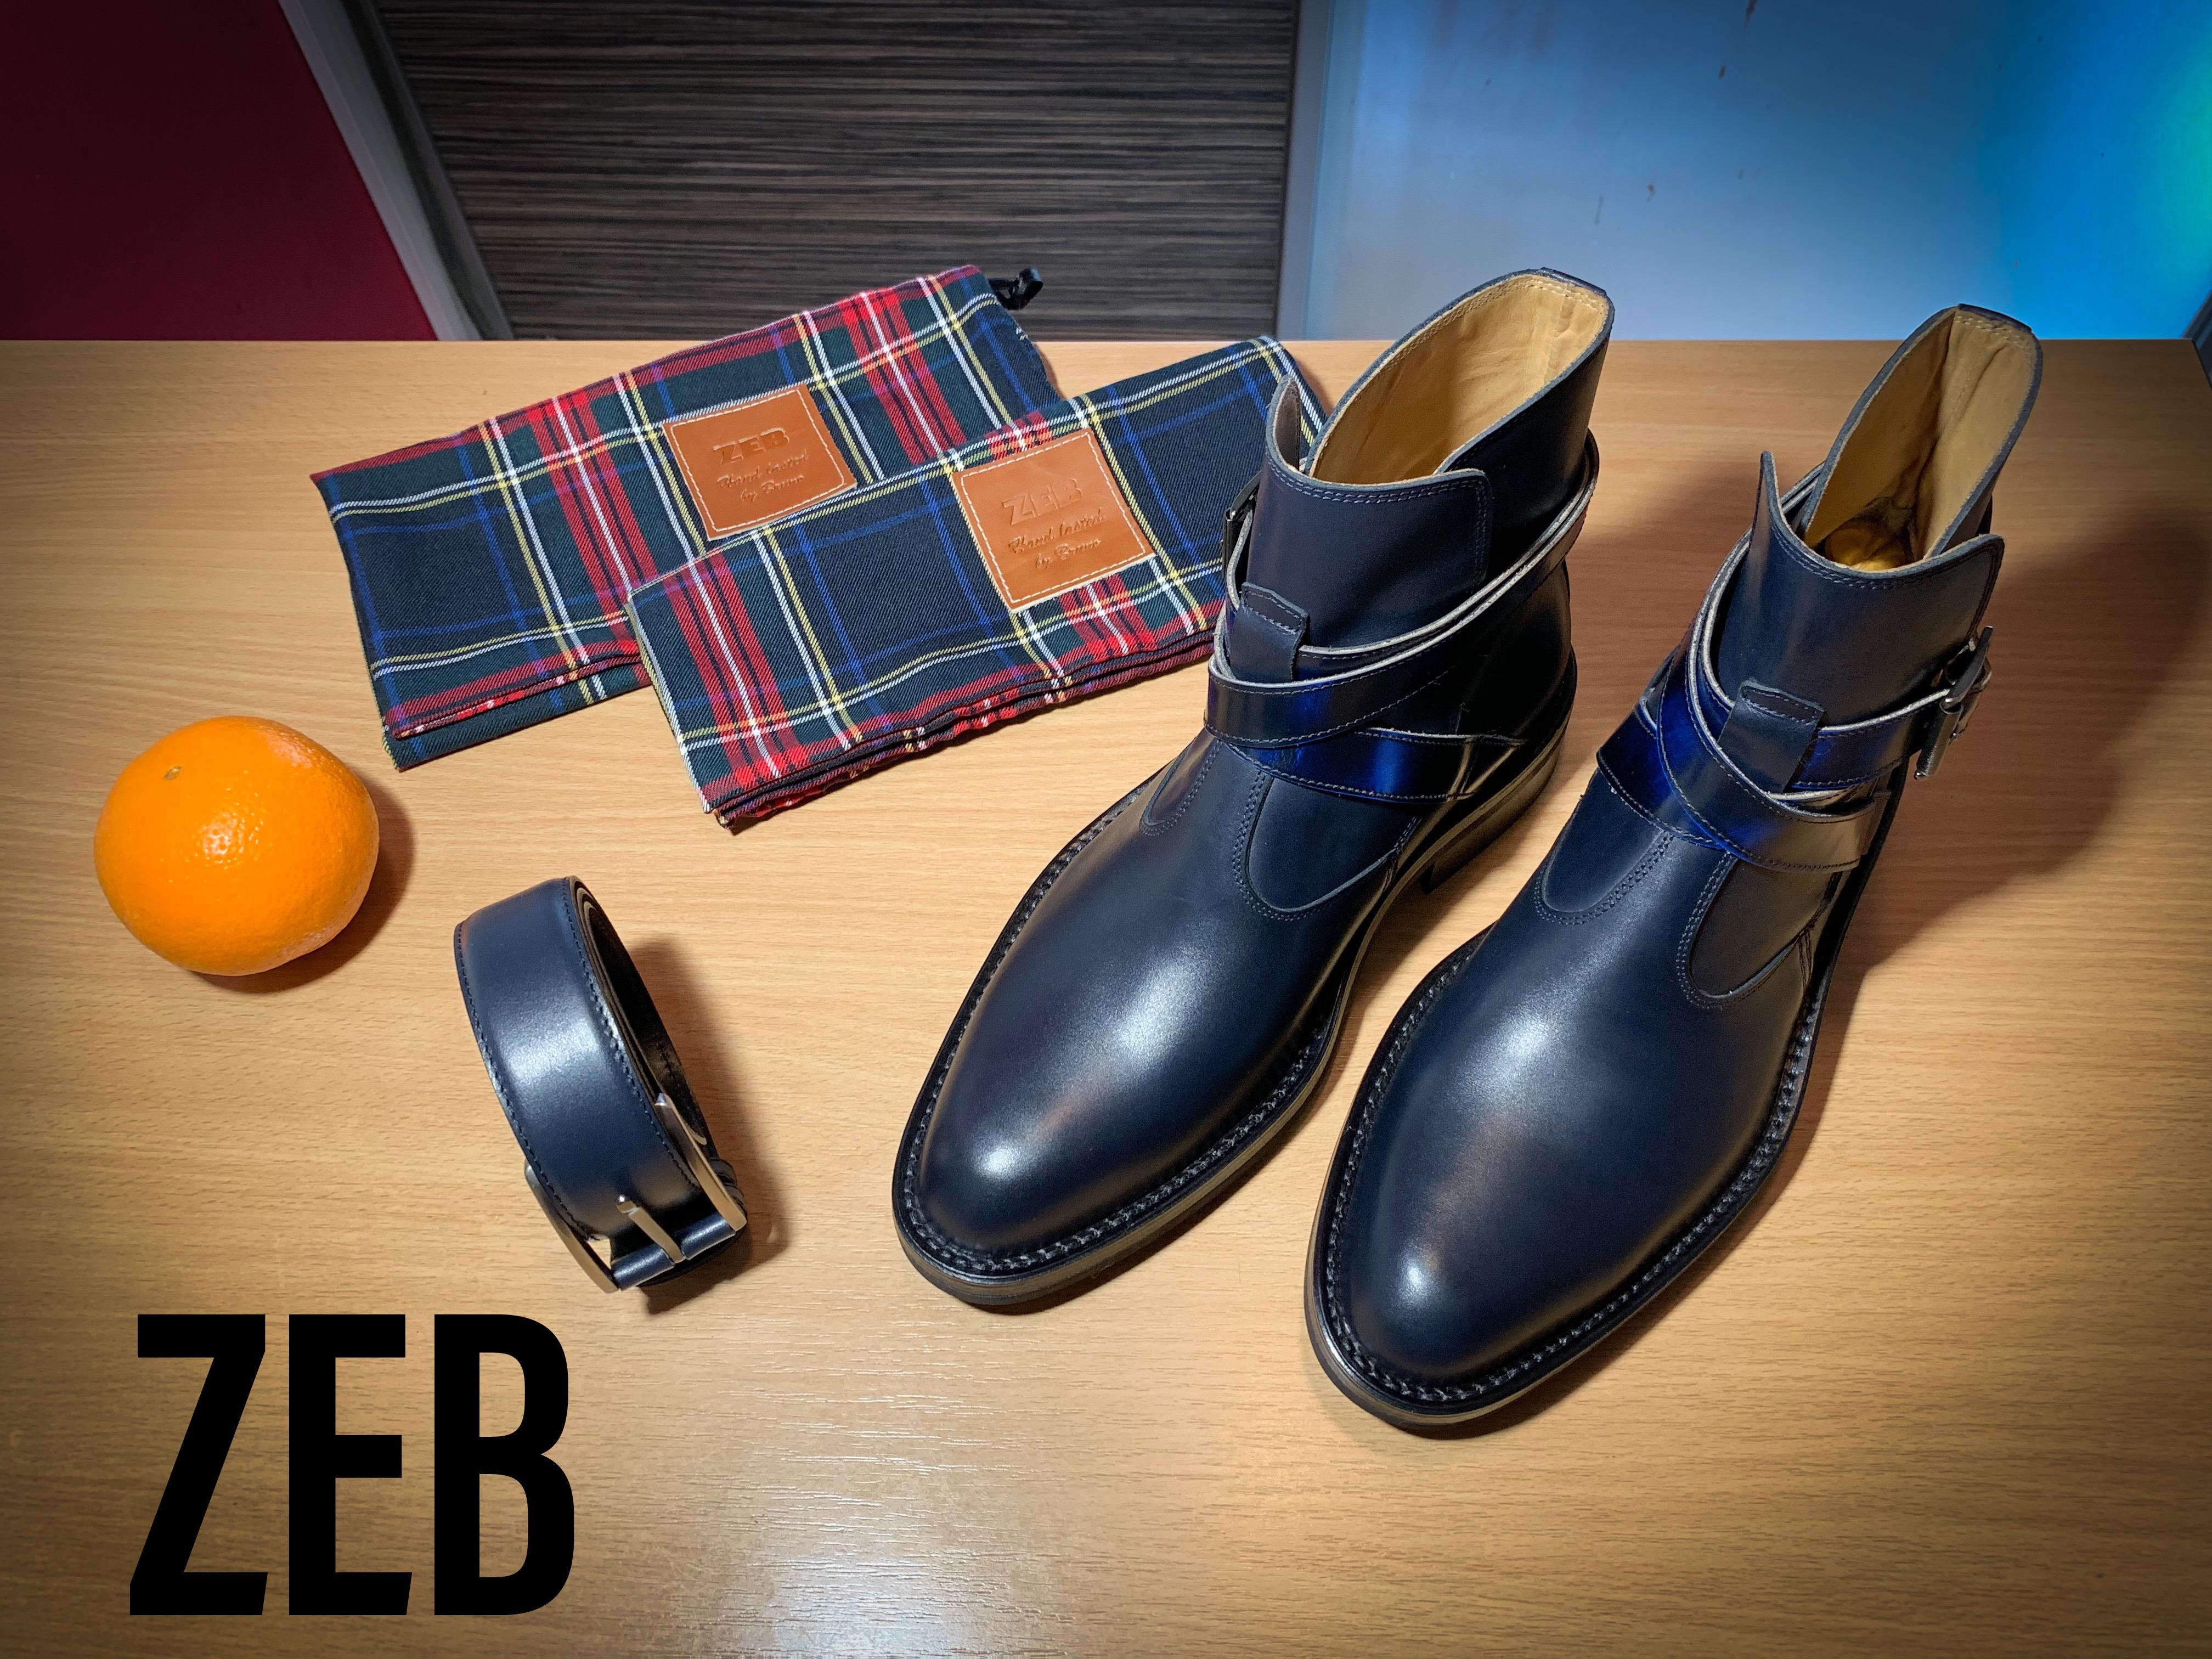 Leather-Boots-Jodhpur-Multiple-Gal8